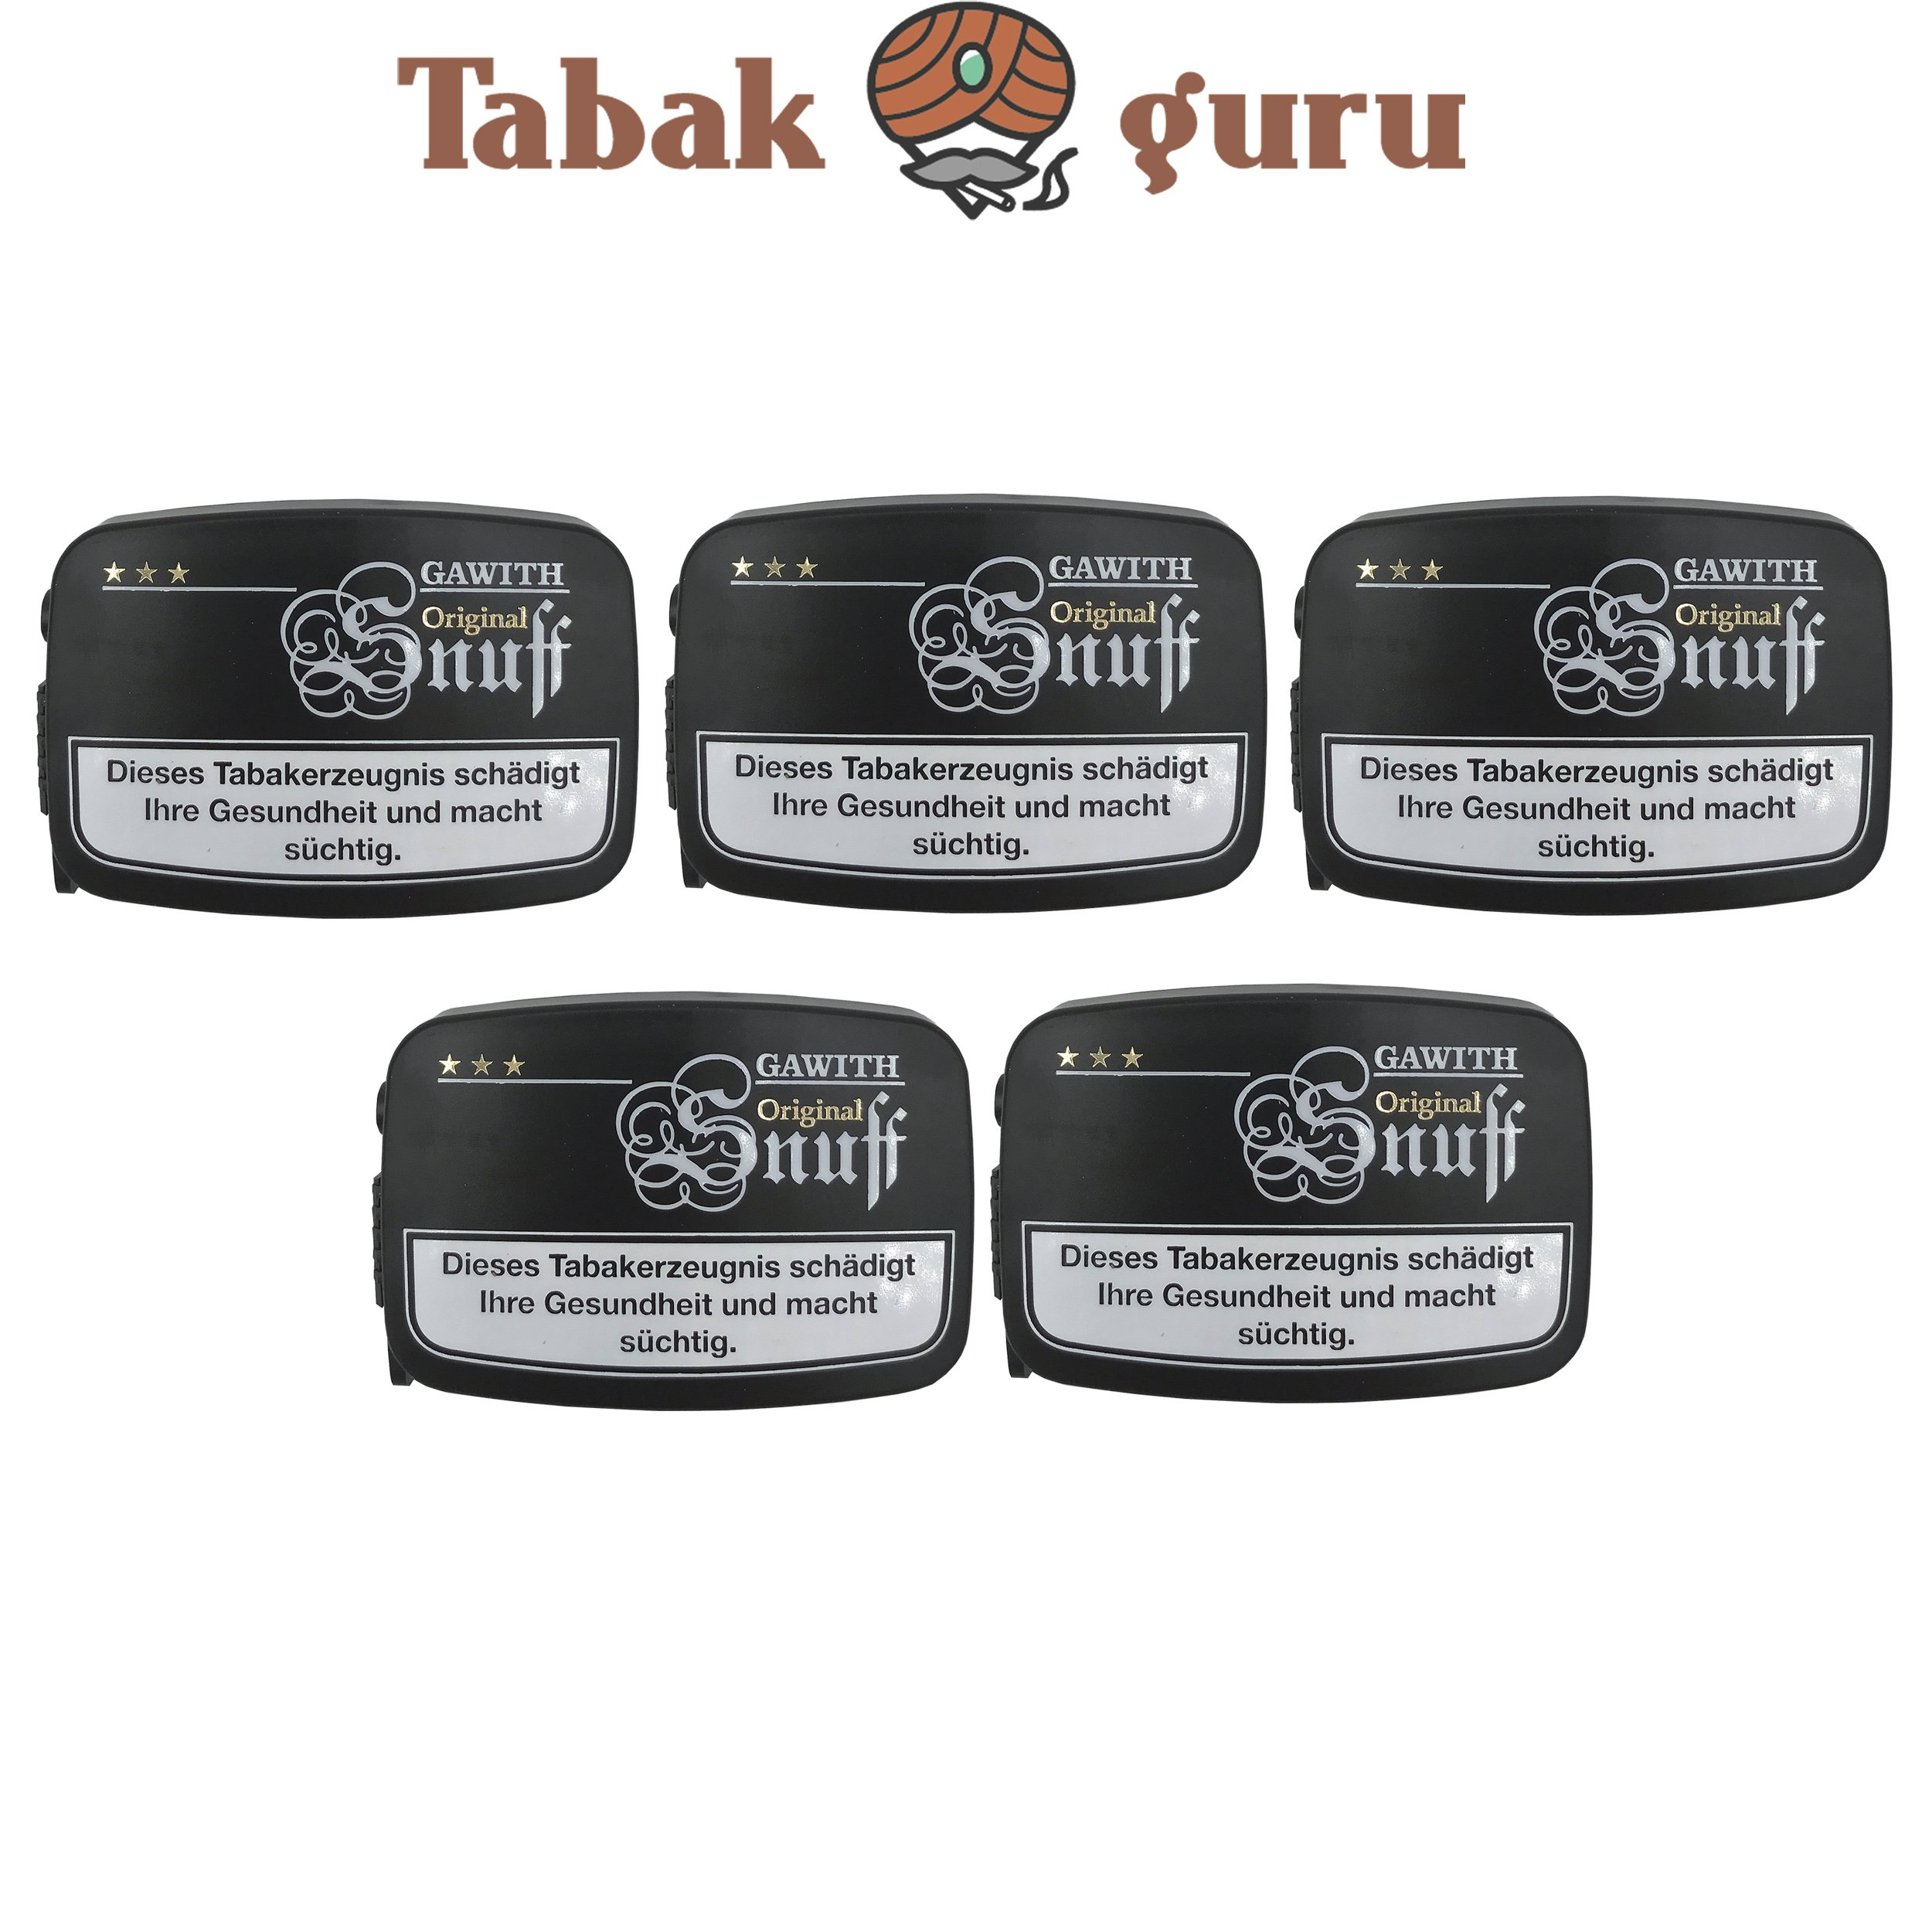 Gawith Original Snuff Schnupftabak 5 Dosen á 10 g